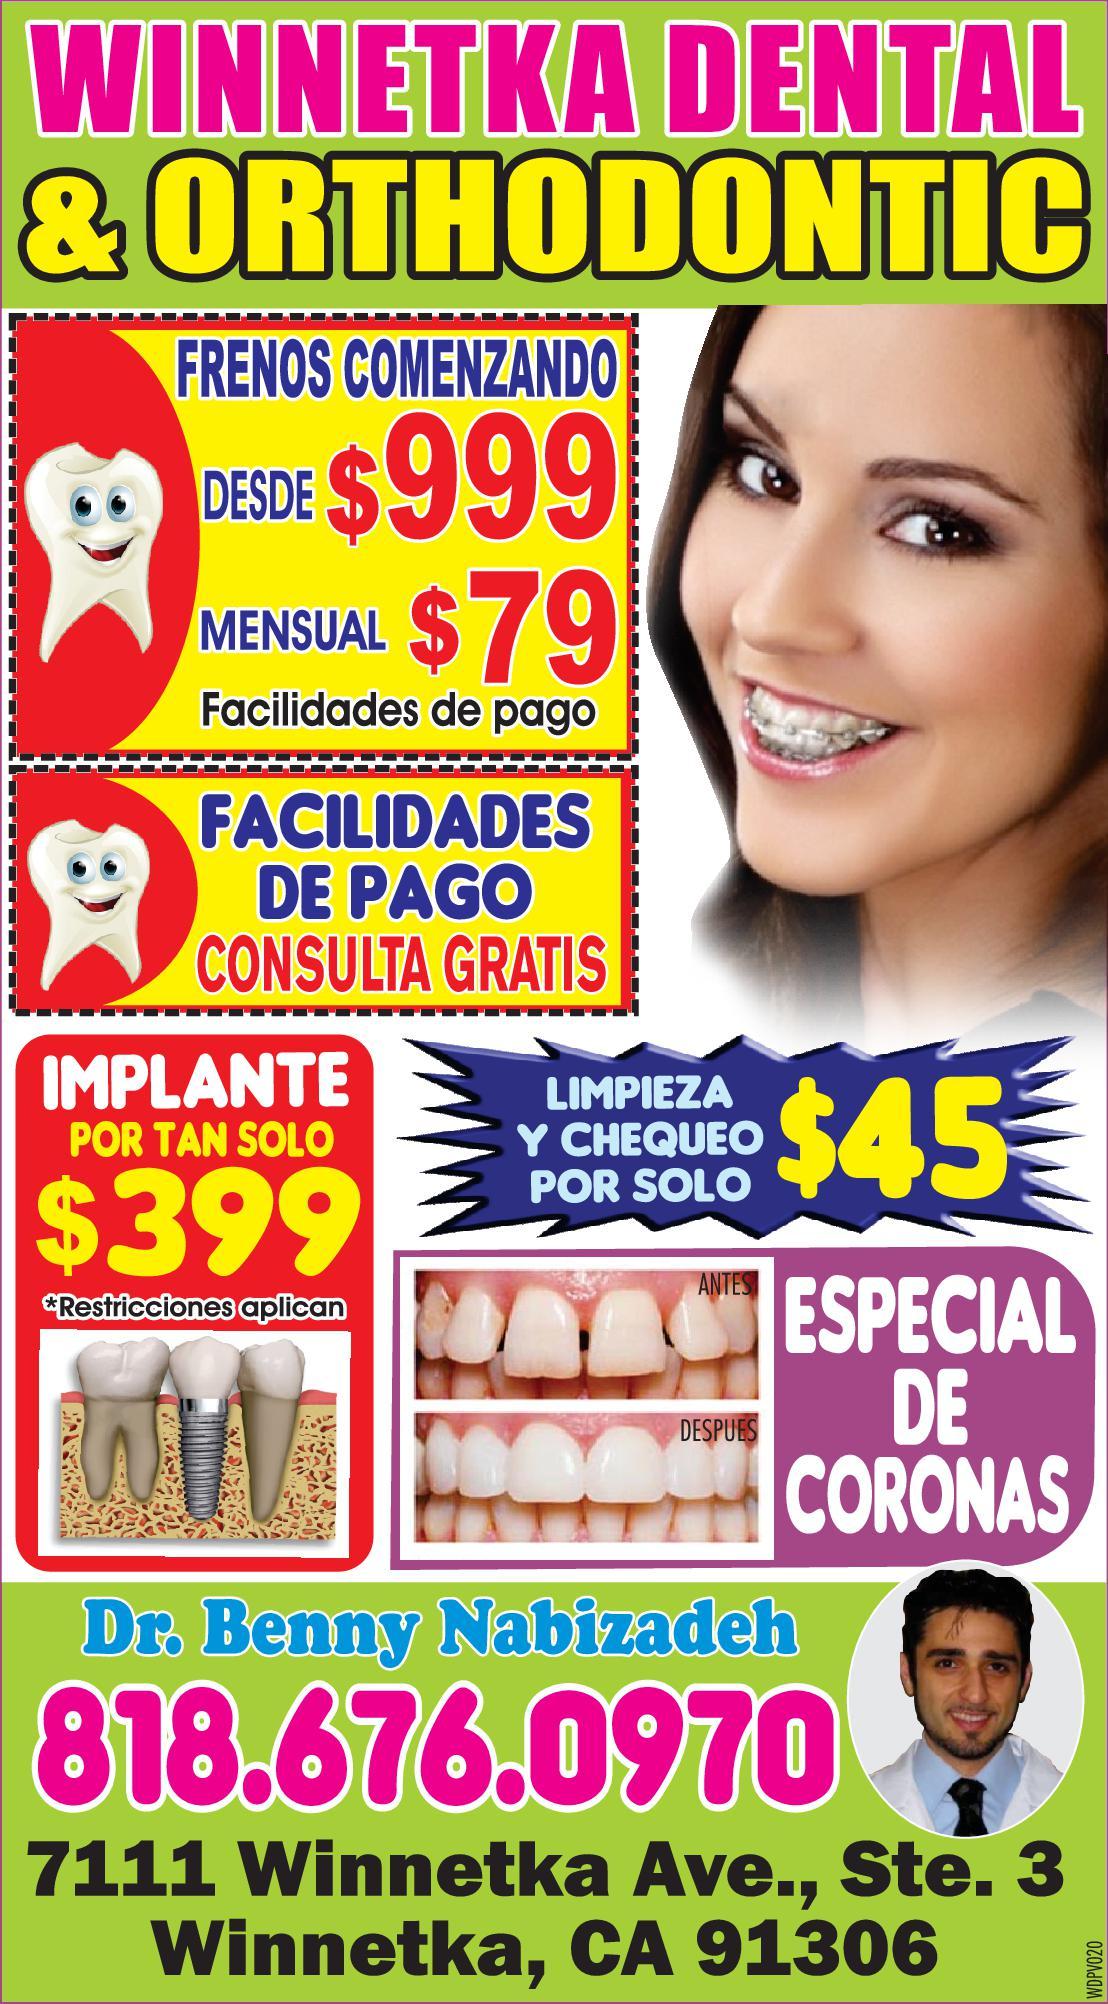 Winnetka Dental Practice